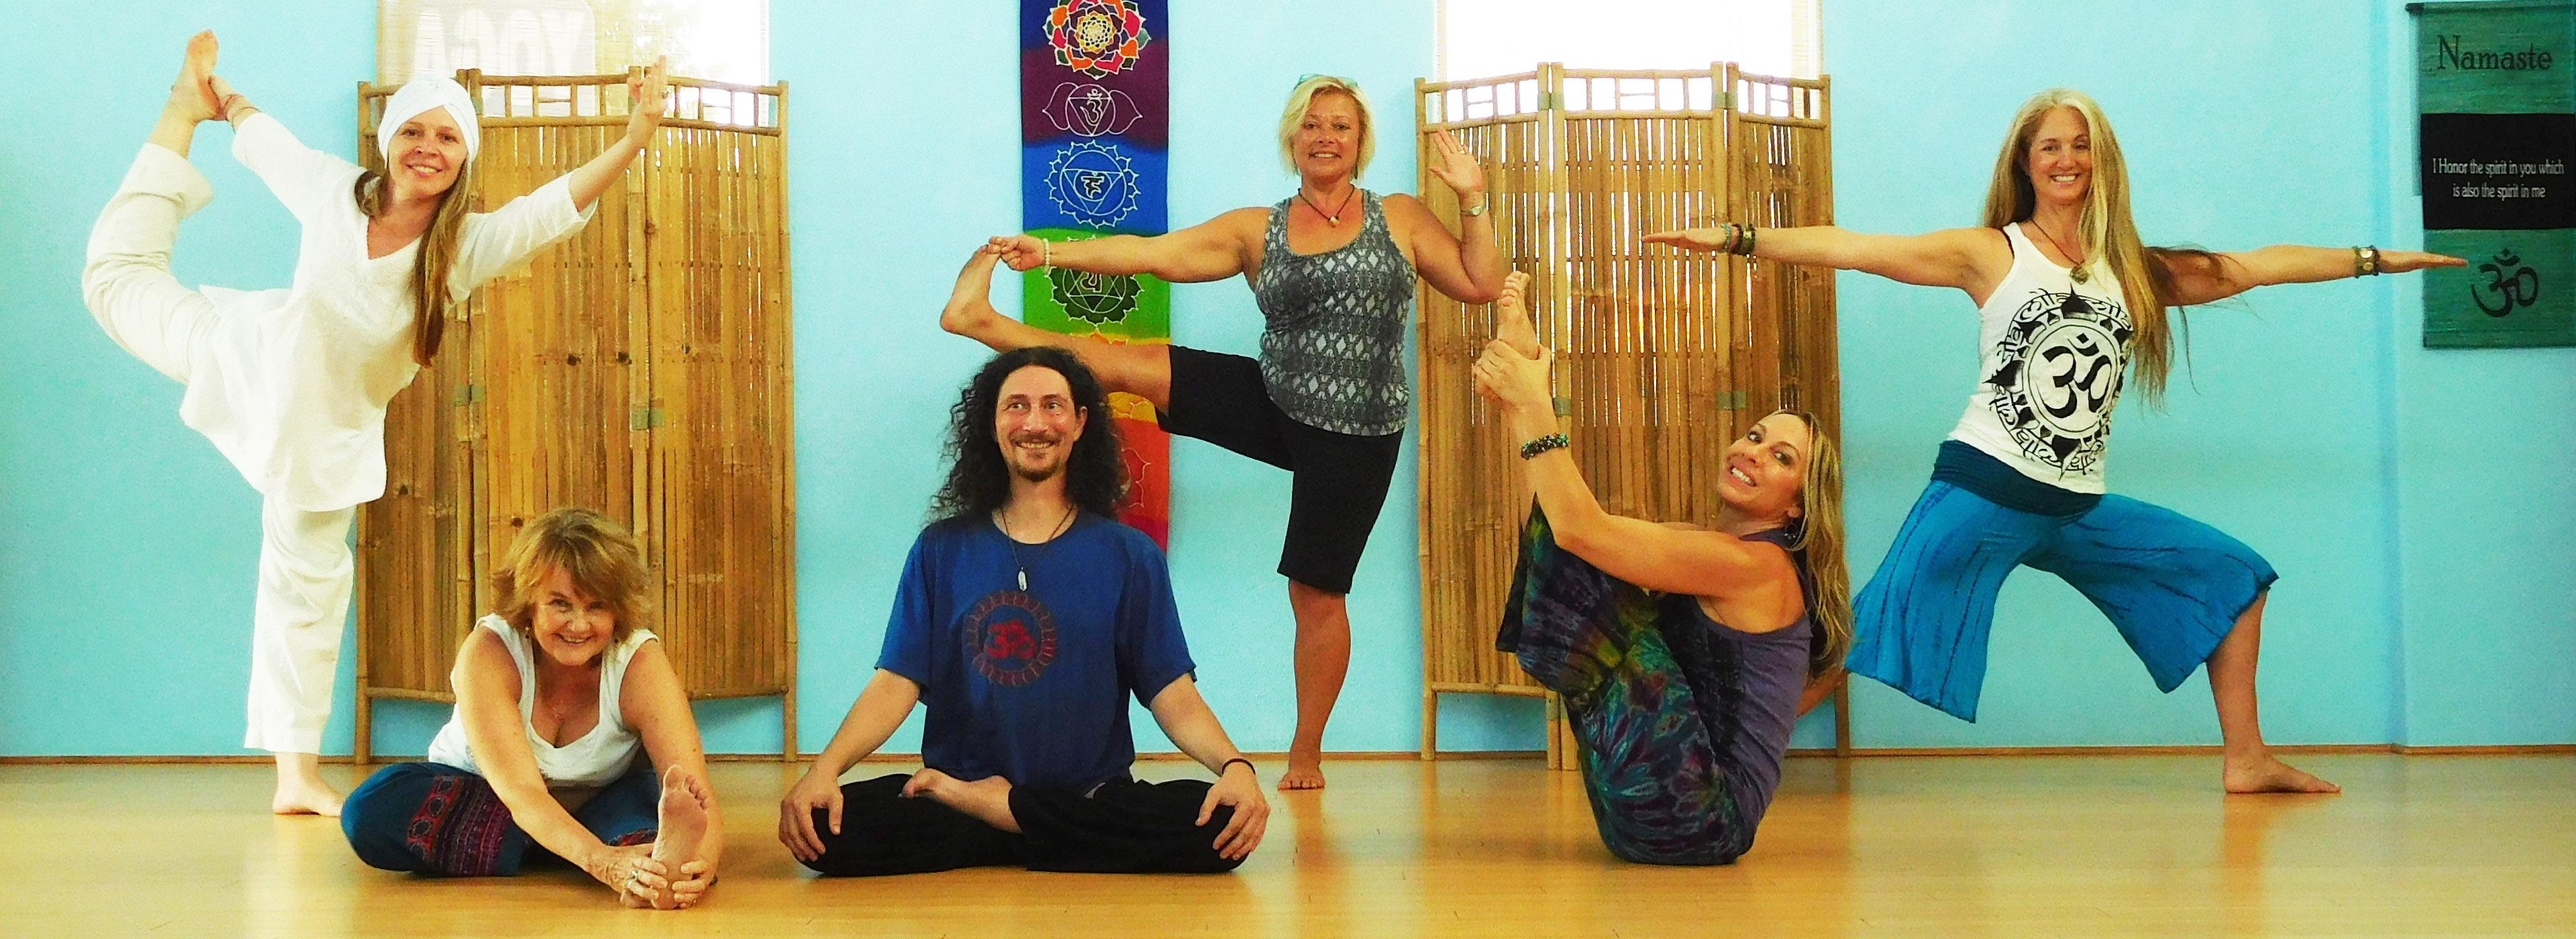 yogis2015.jpg